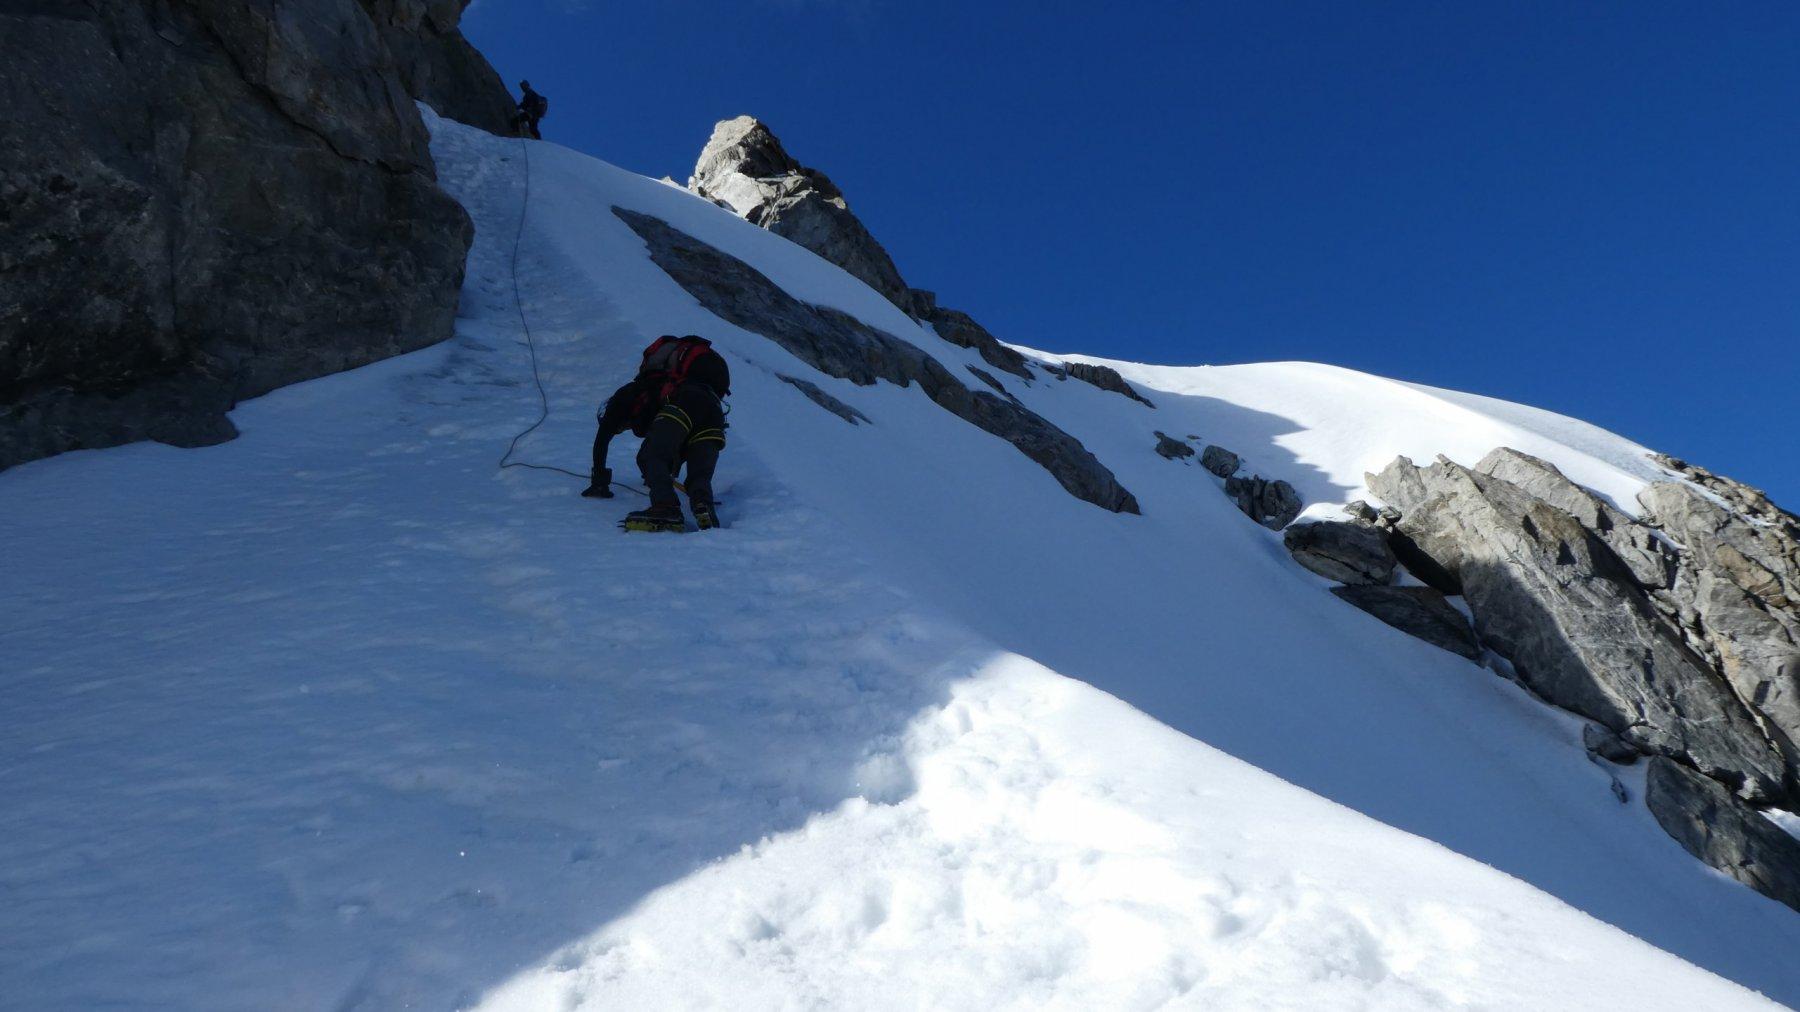 il ripido scivolo in discesa dalla quota 3933 m